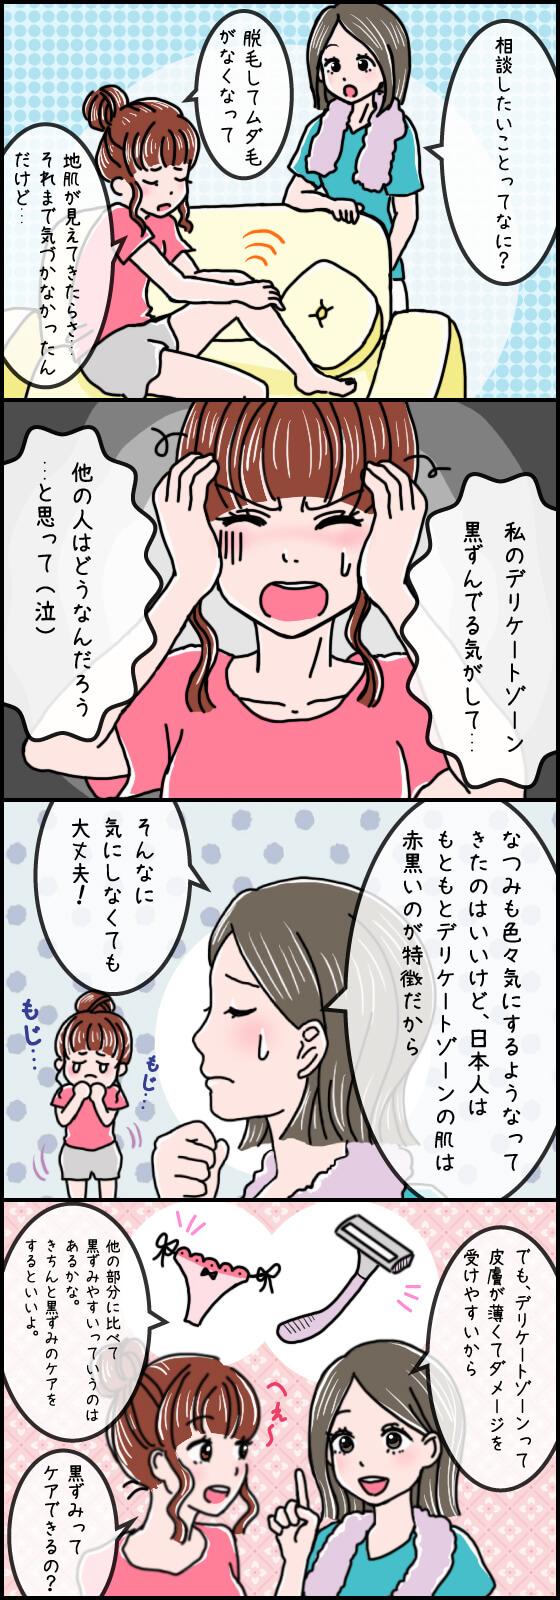 manga0706